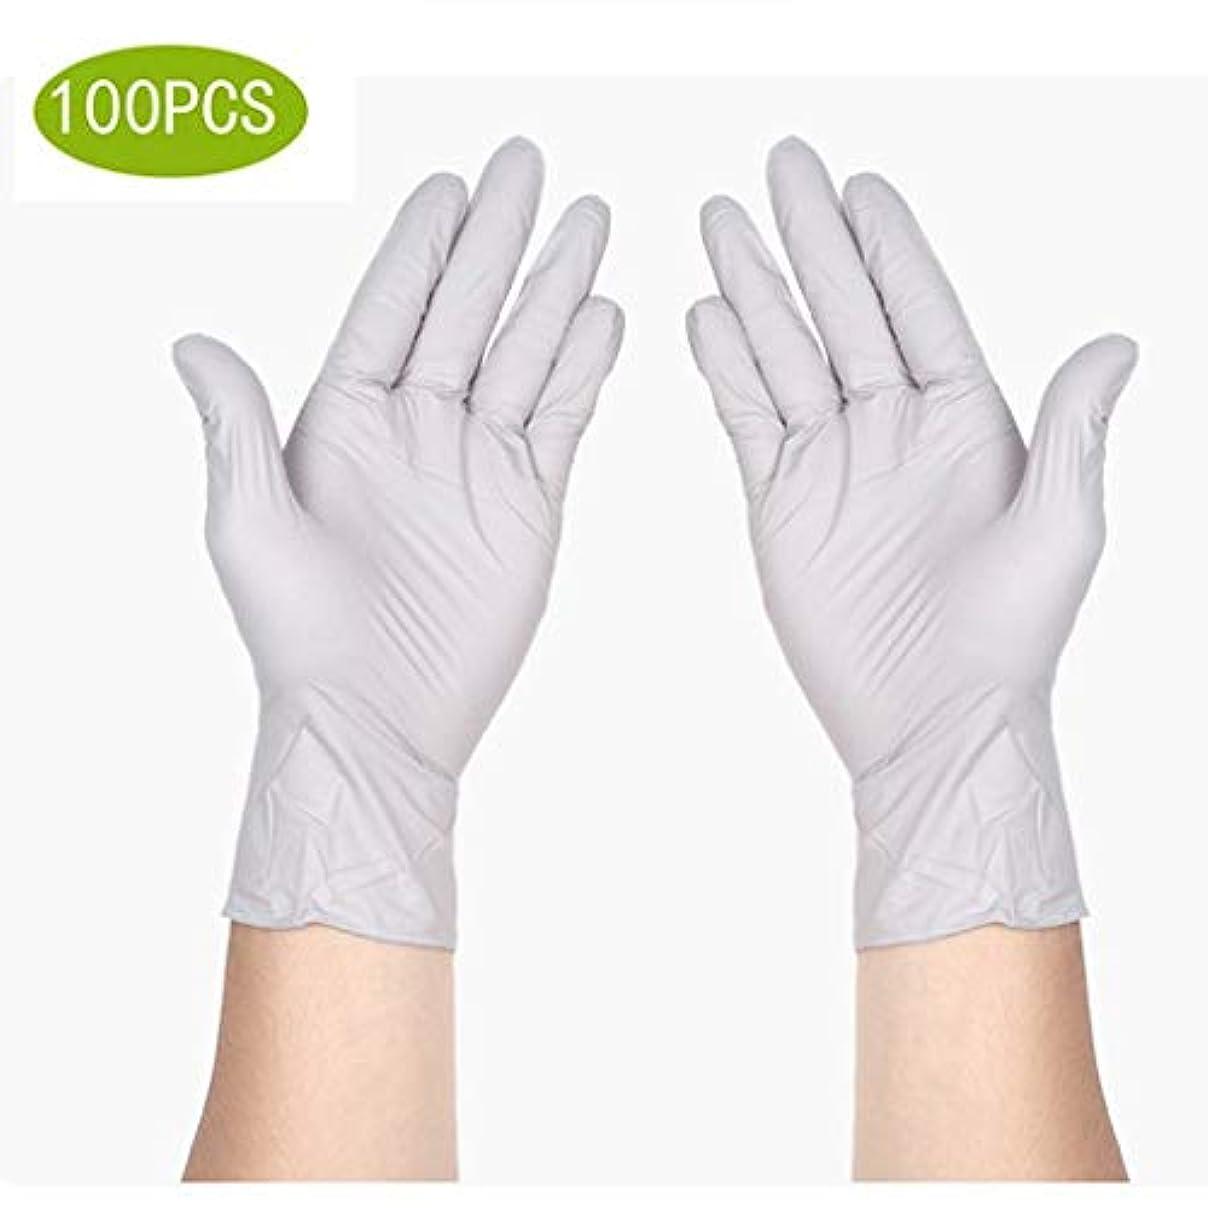 はっきりしない正当なスコットランド人サニタリー手袋ニトリル医療グレード試験用手袋、使い捨て、ラテックスフリー、100カウント滅菌使い捨て安全手袋 (Size : L)